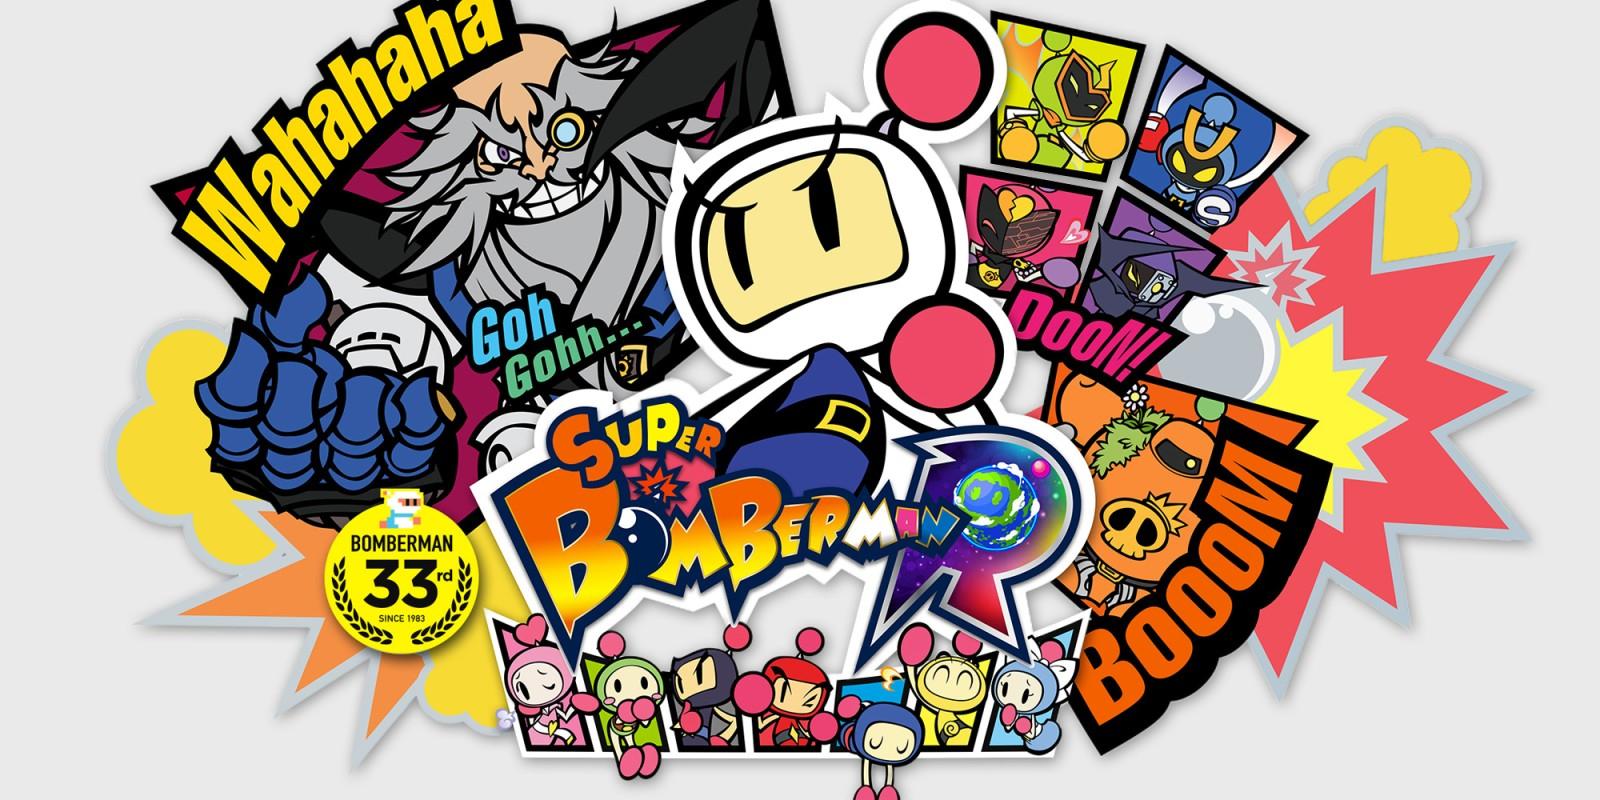 Super Bomberman R za 18 zł (możliwe 17,40 zł w rosyjskim eShopie) - Nintendo Switch eShop